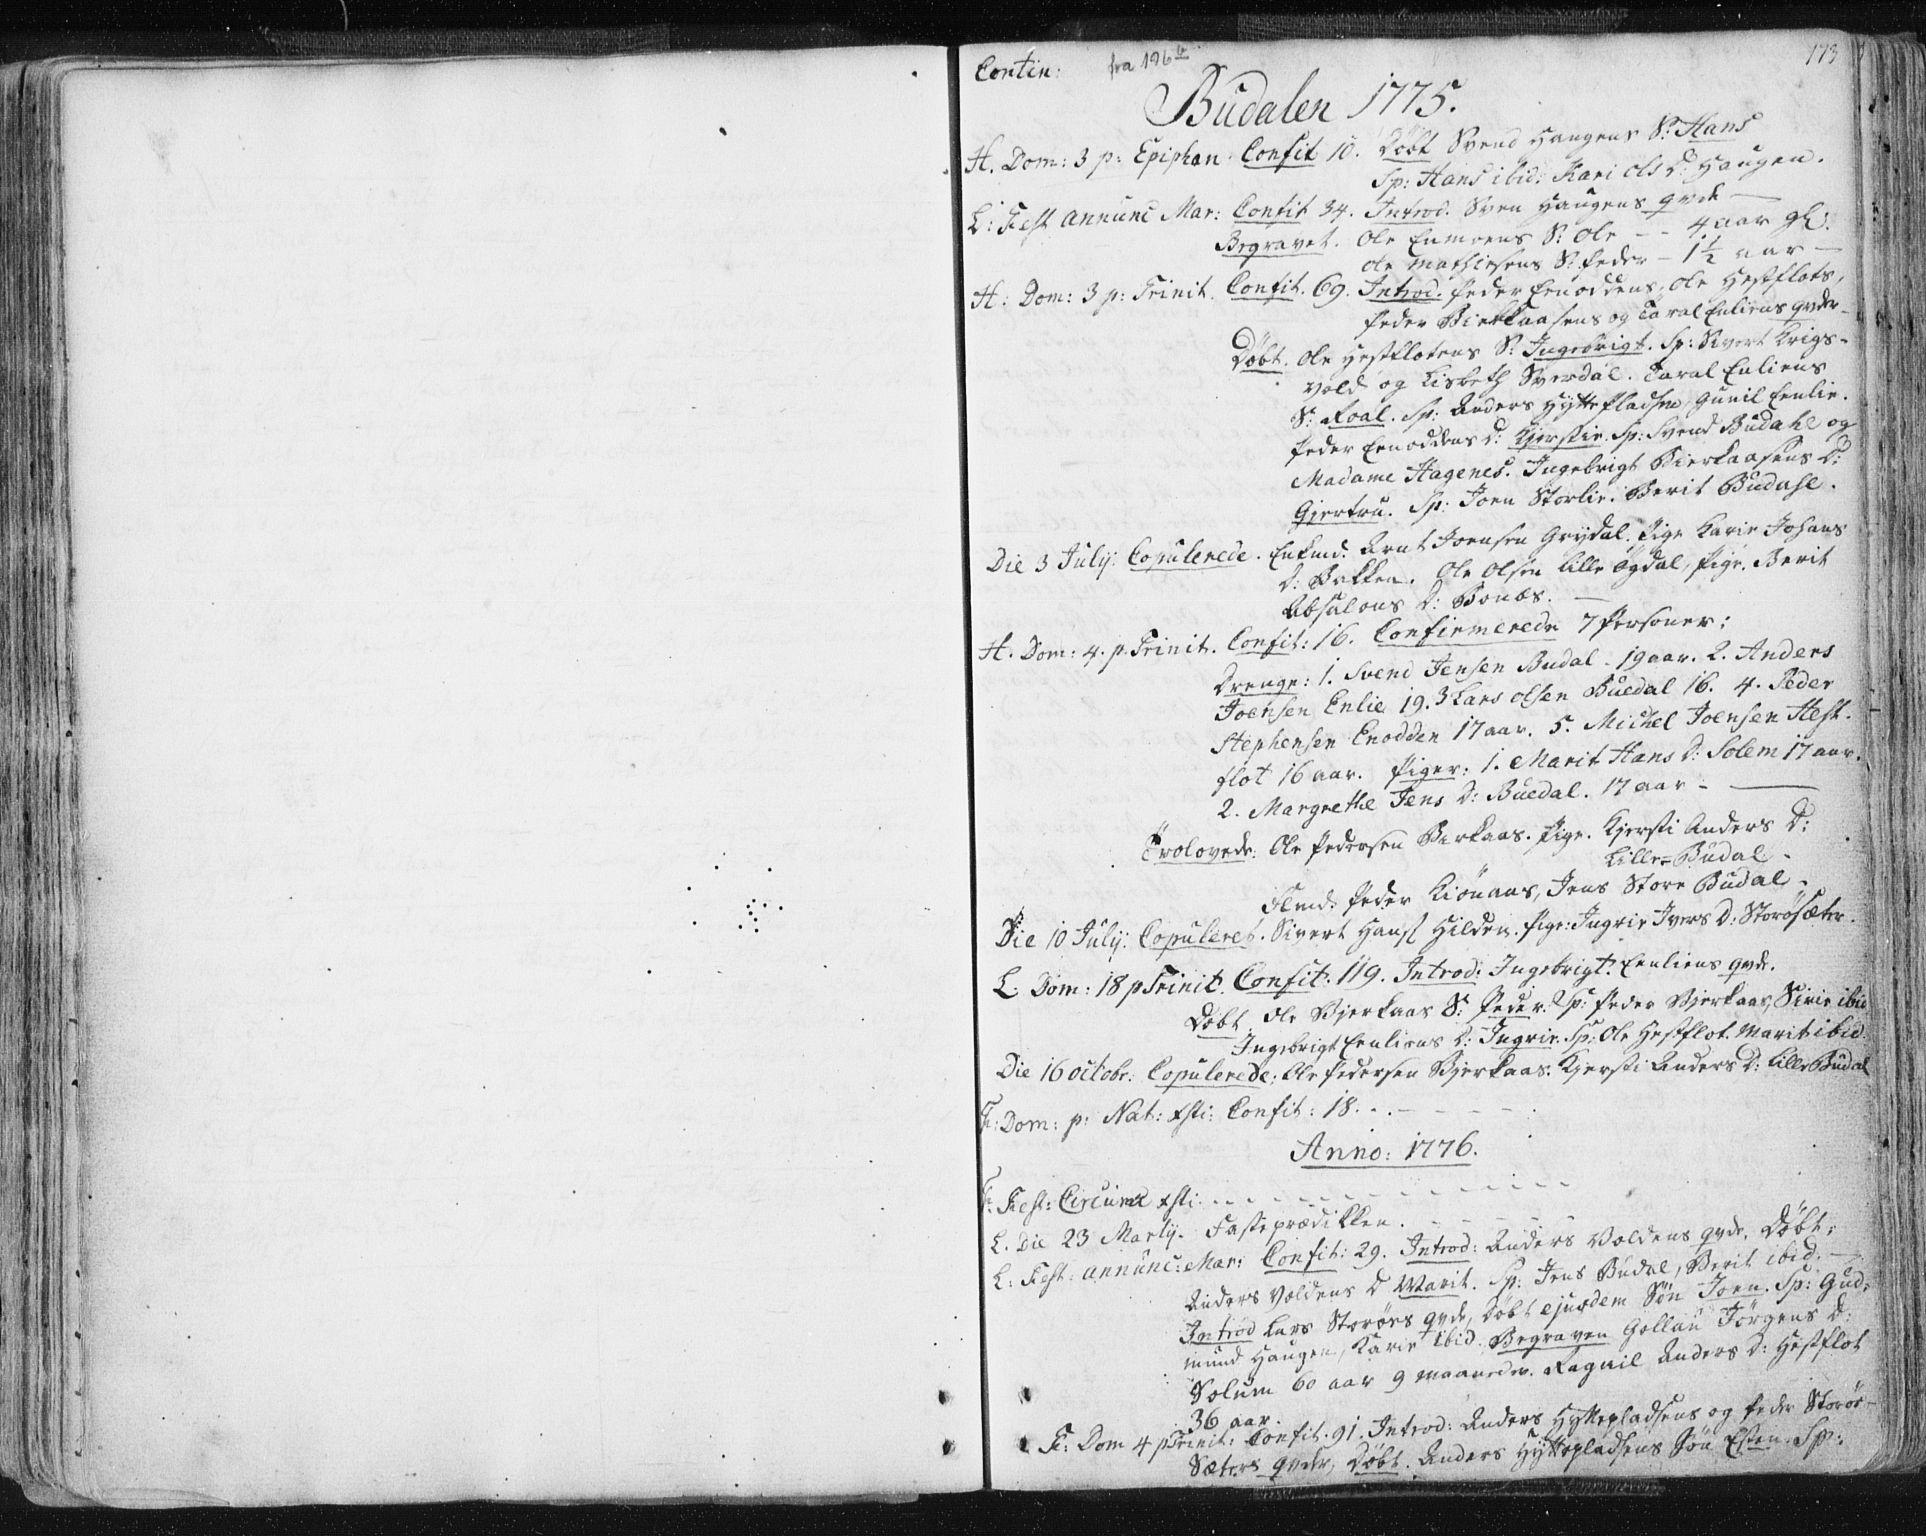 SAT, Ministerialprotokoller, klokkerbøker og fødselsregistre - Sør-Trøndelag, 687/L0991: Ministerialbok nr. 687A02, 1747-1790, s. 173